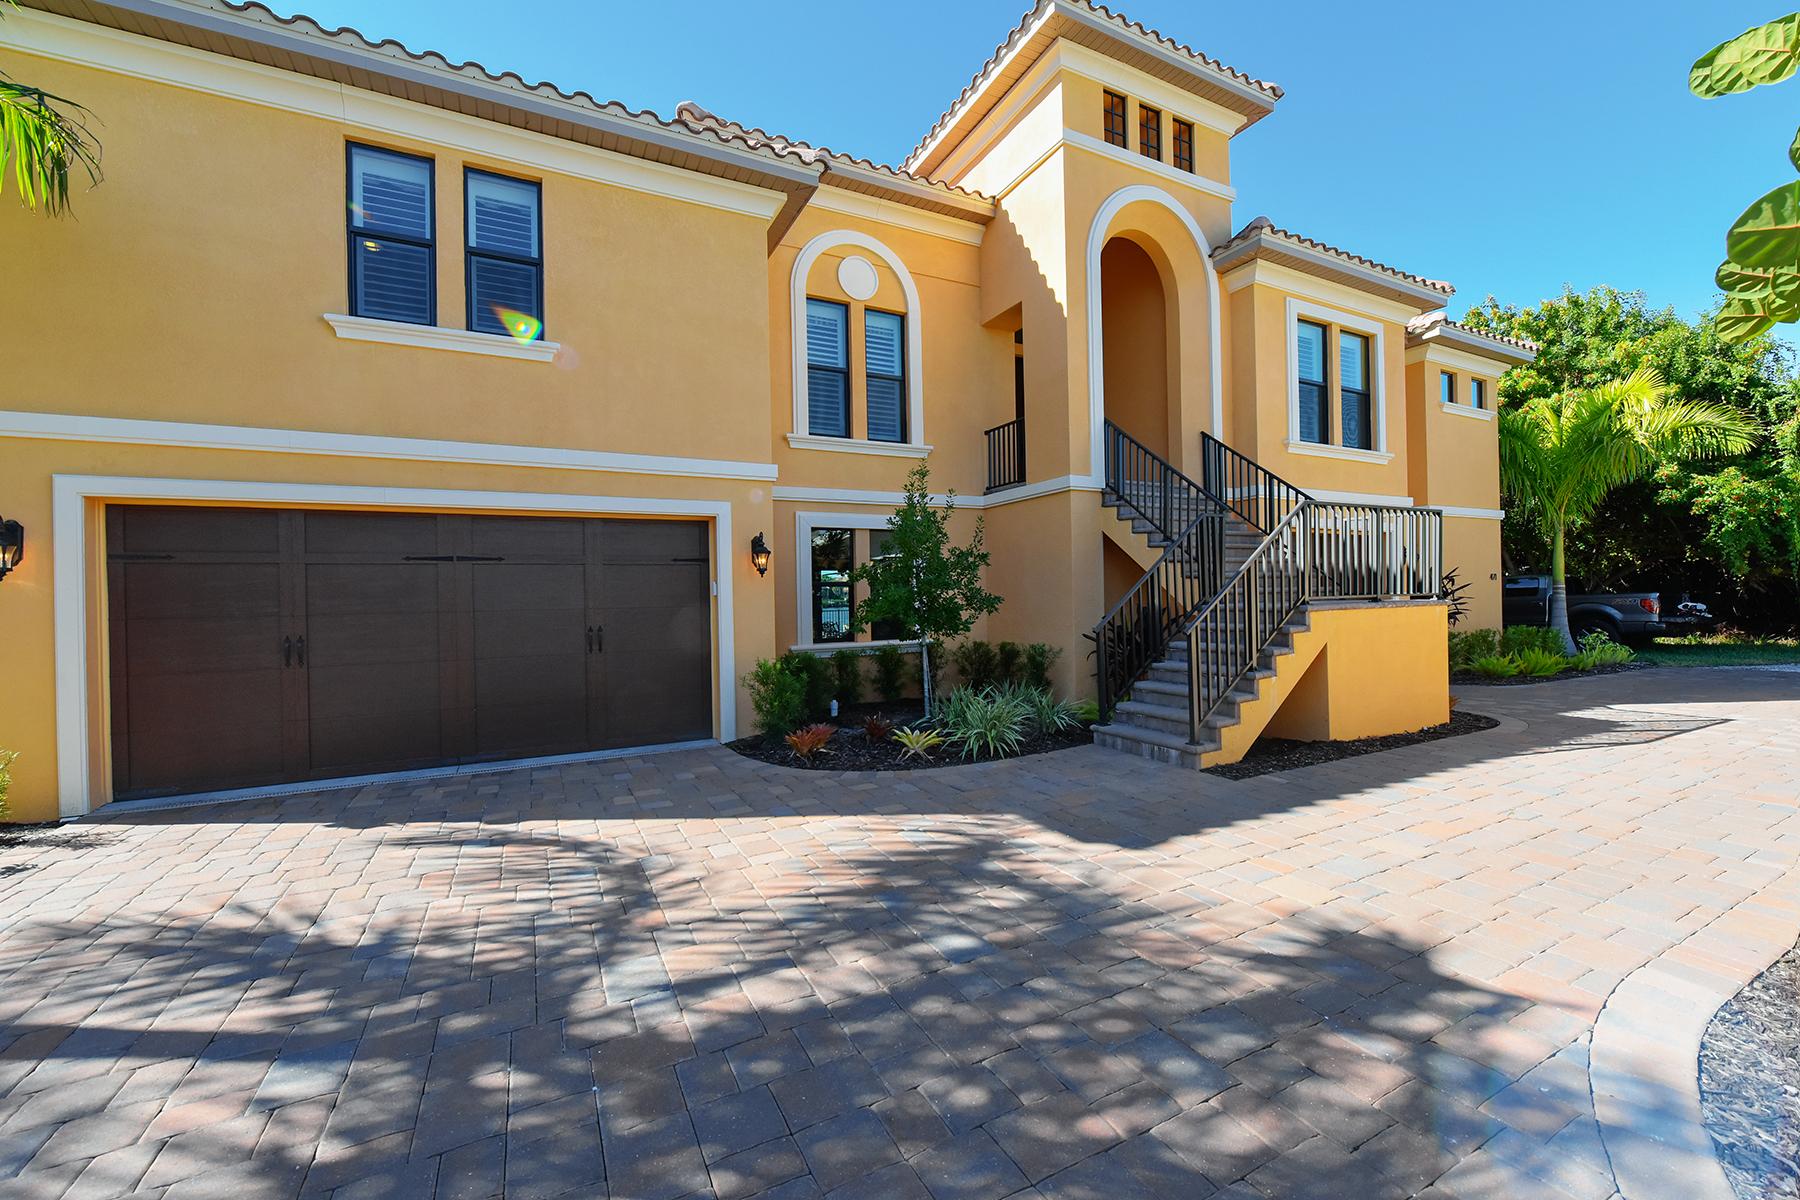 Casa Unifamiliar por un Venta en NOKOMIS 471 Bayshore Rd Nokomis, Florida 34275 Estados Unidos